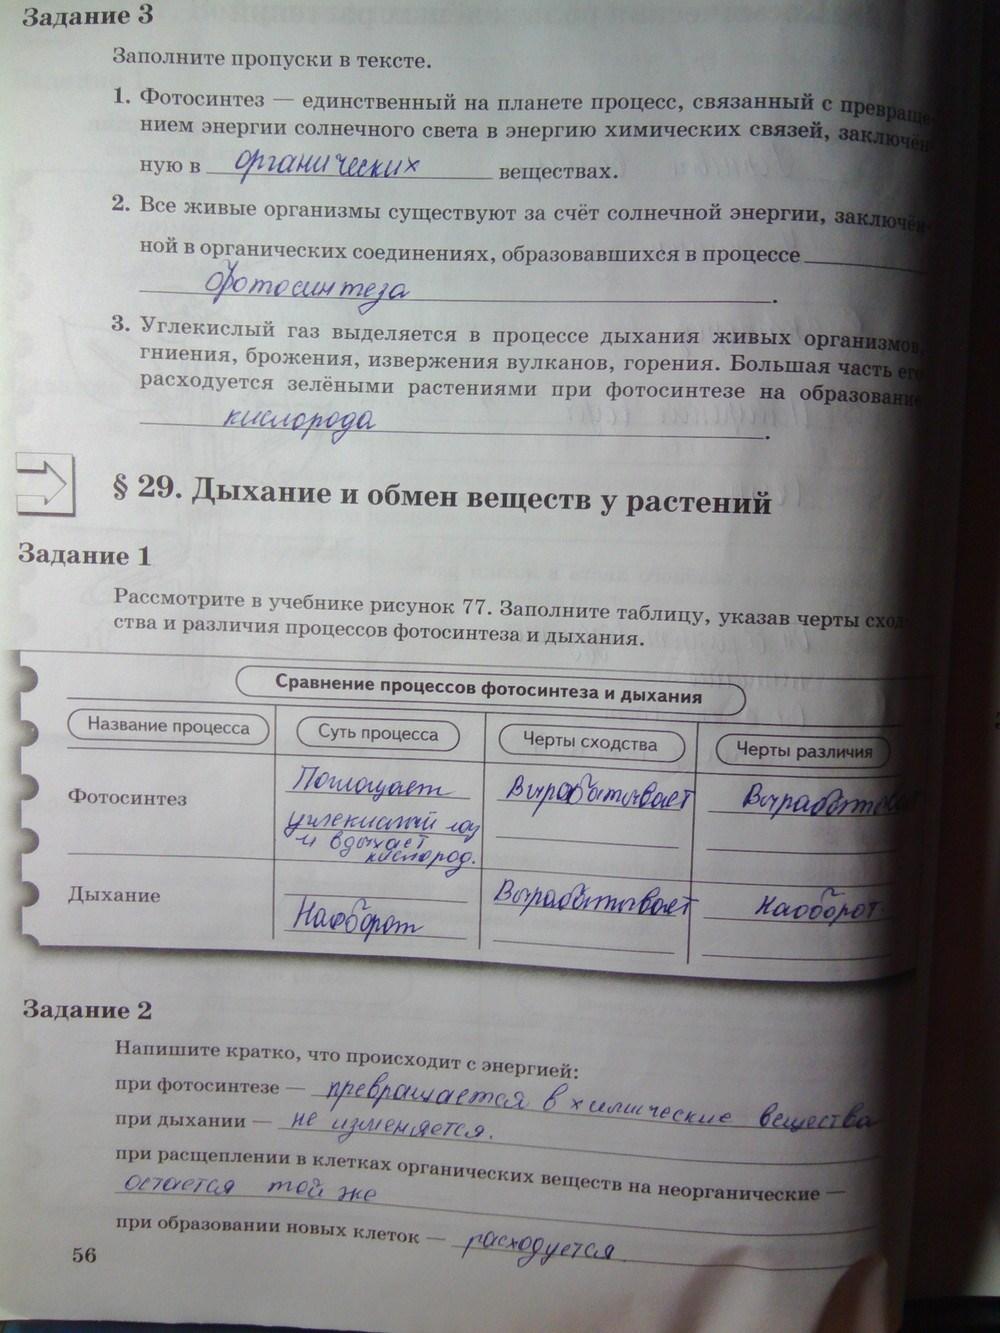 Гдз по биологии автор пономарева 9 класс